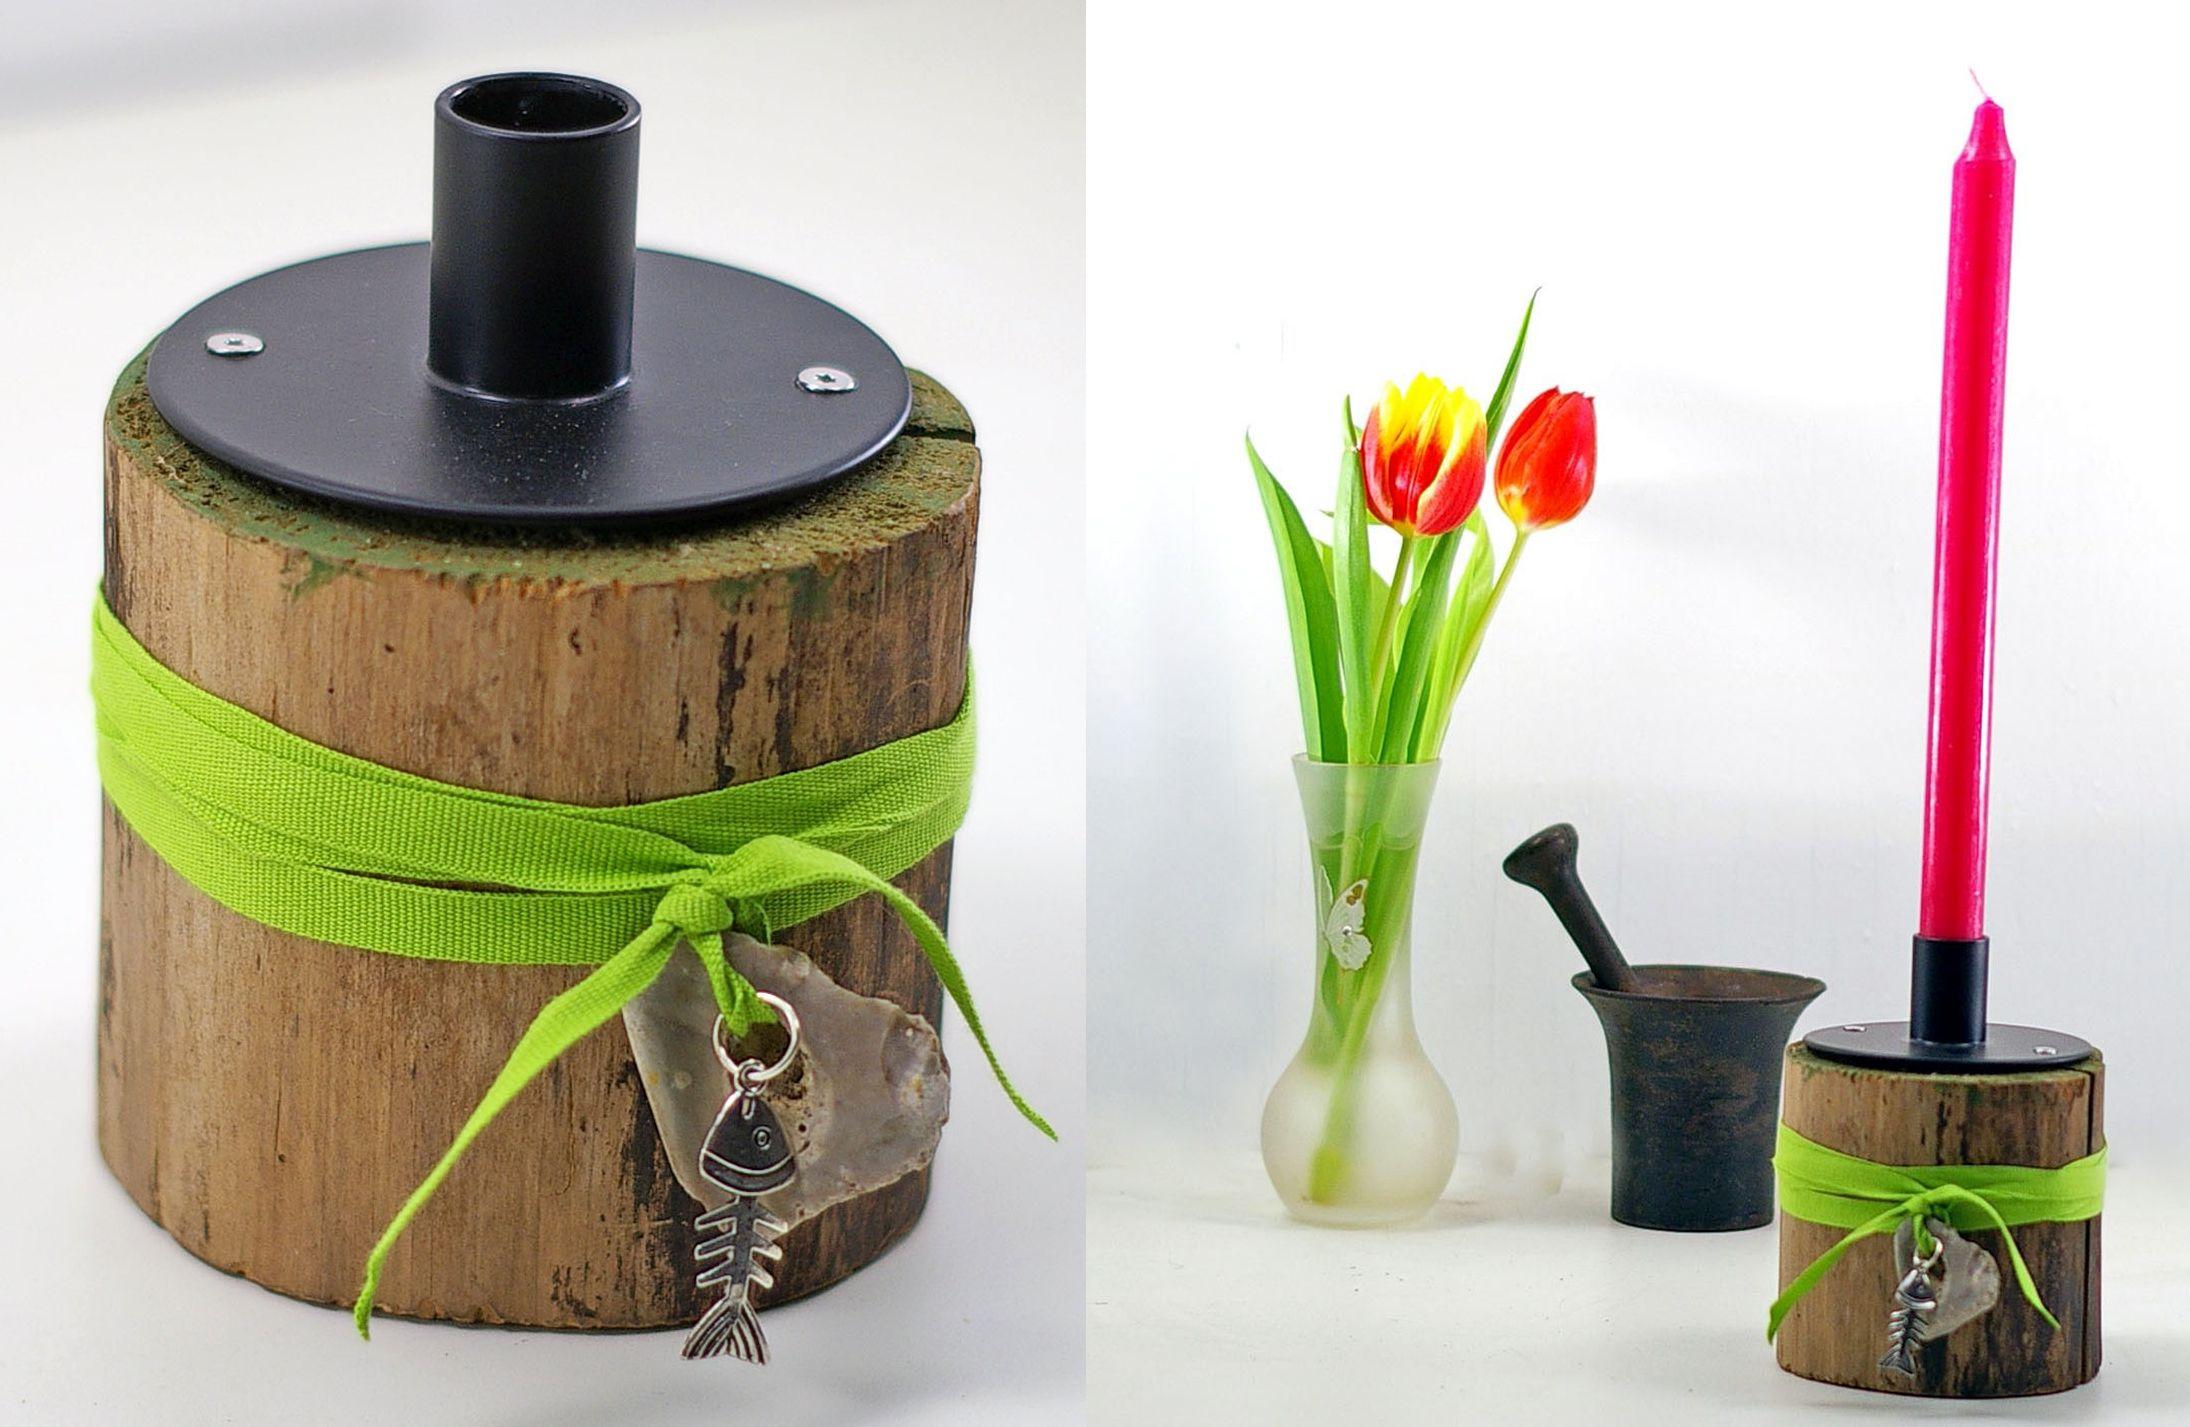 Upcycling: alte Materialien neu gestalten, zum Beispiel Kerzenhalter mit eigener Note basteln